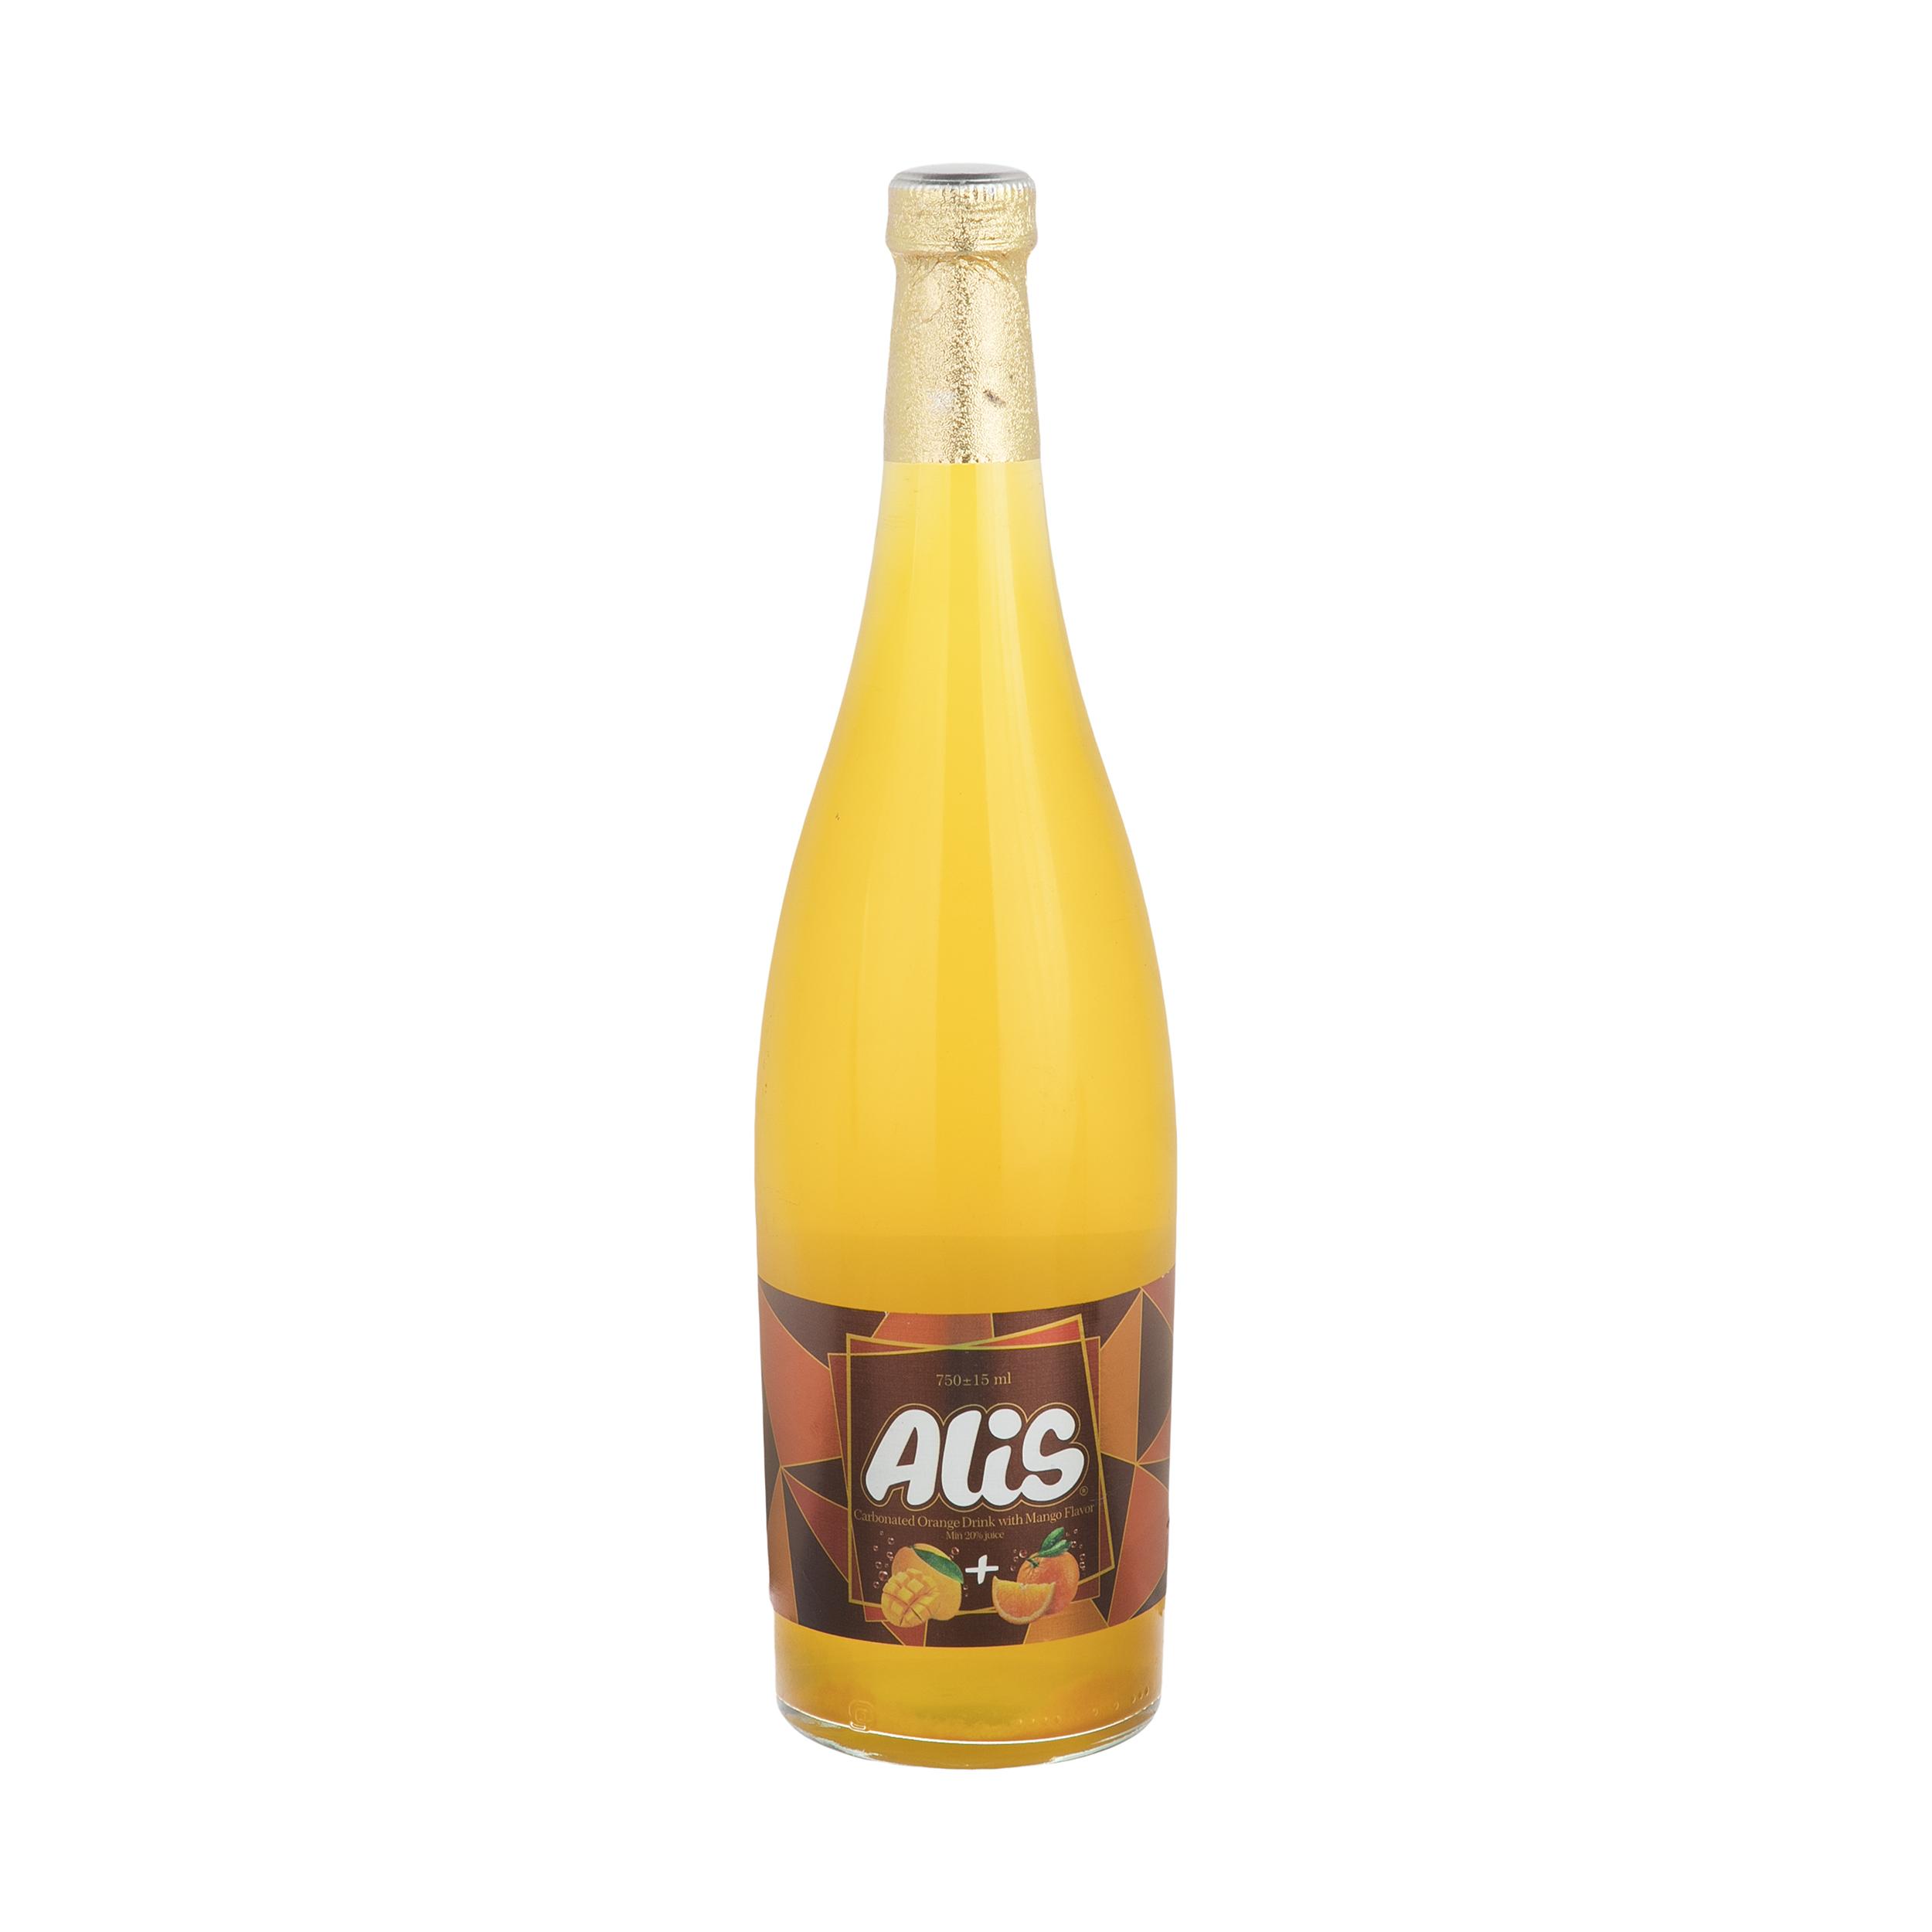 نوشیدنی میوه ای گازدار عالیس با طعم پرتقال و انبه - 750 میلی لیتر